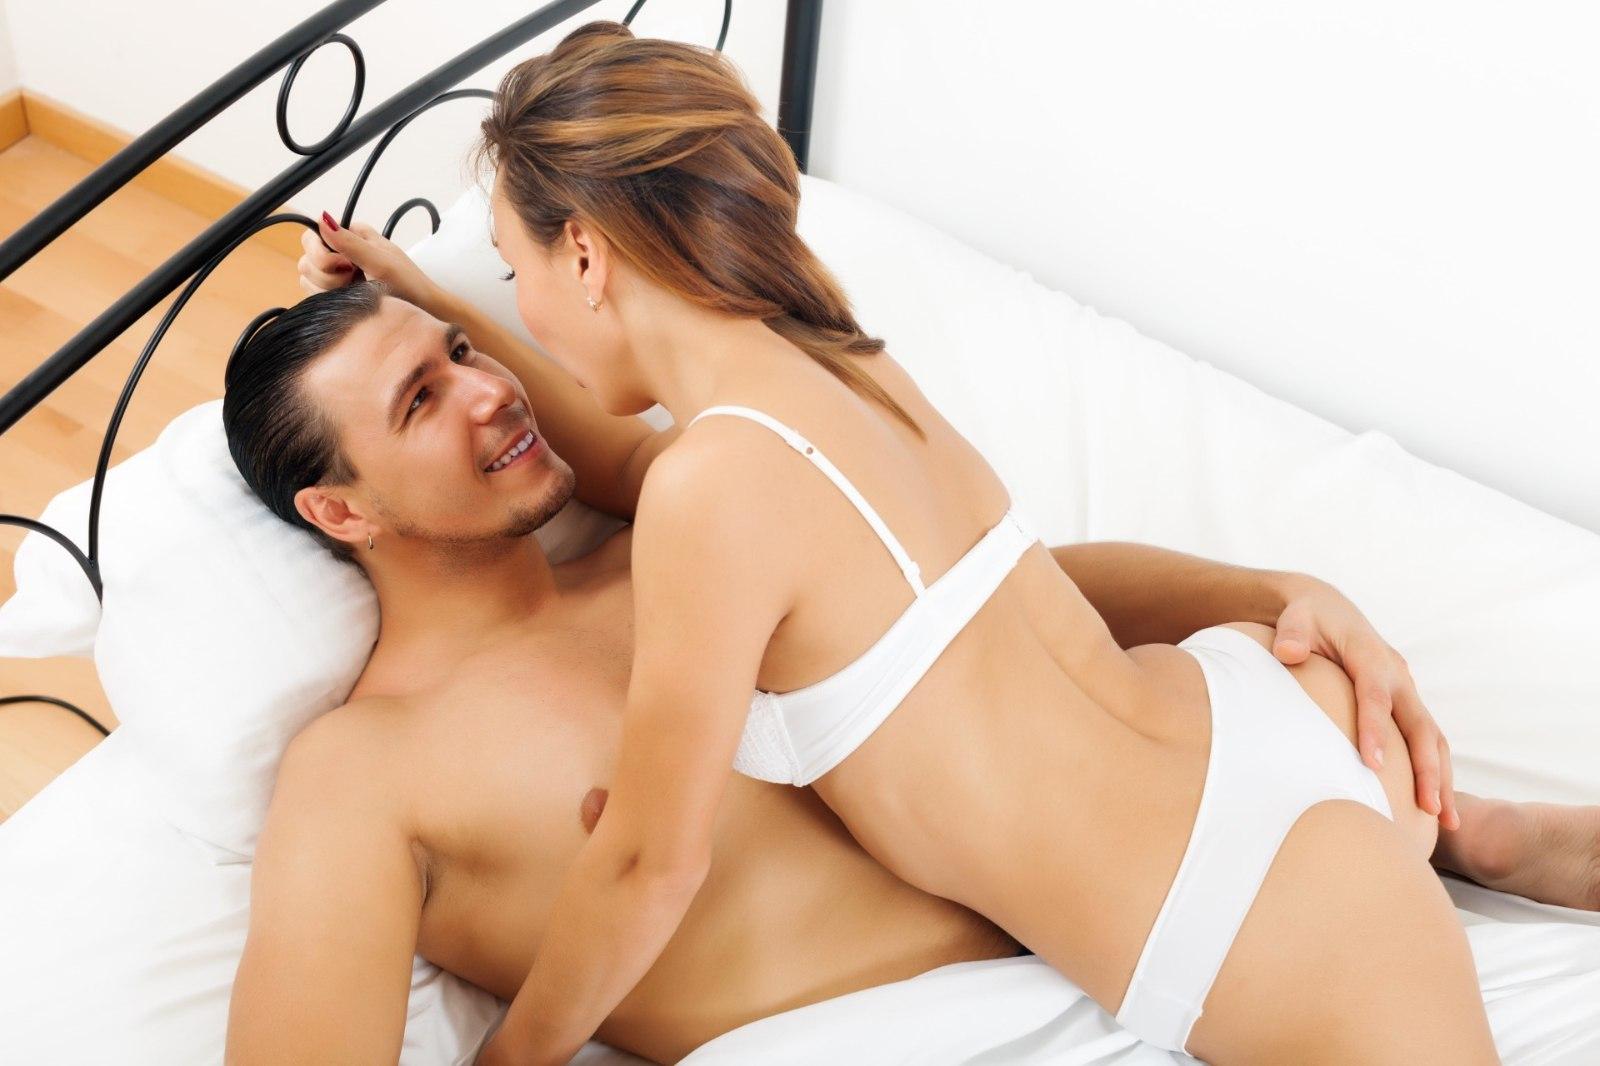 Трахает секс ролики в одном фильме худые онлайн